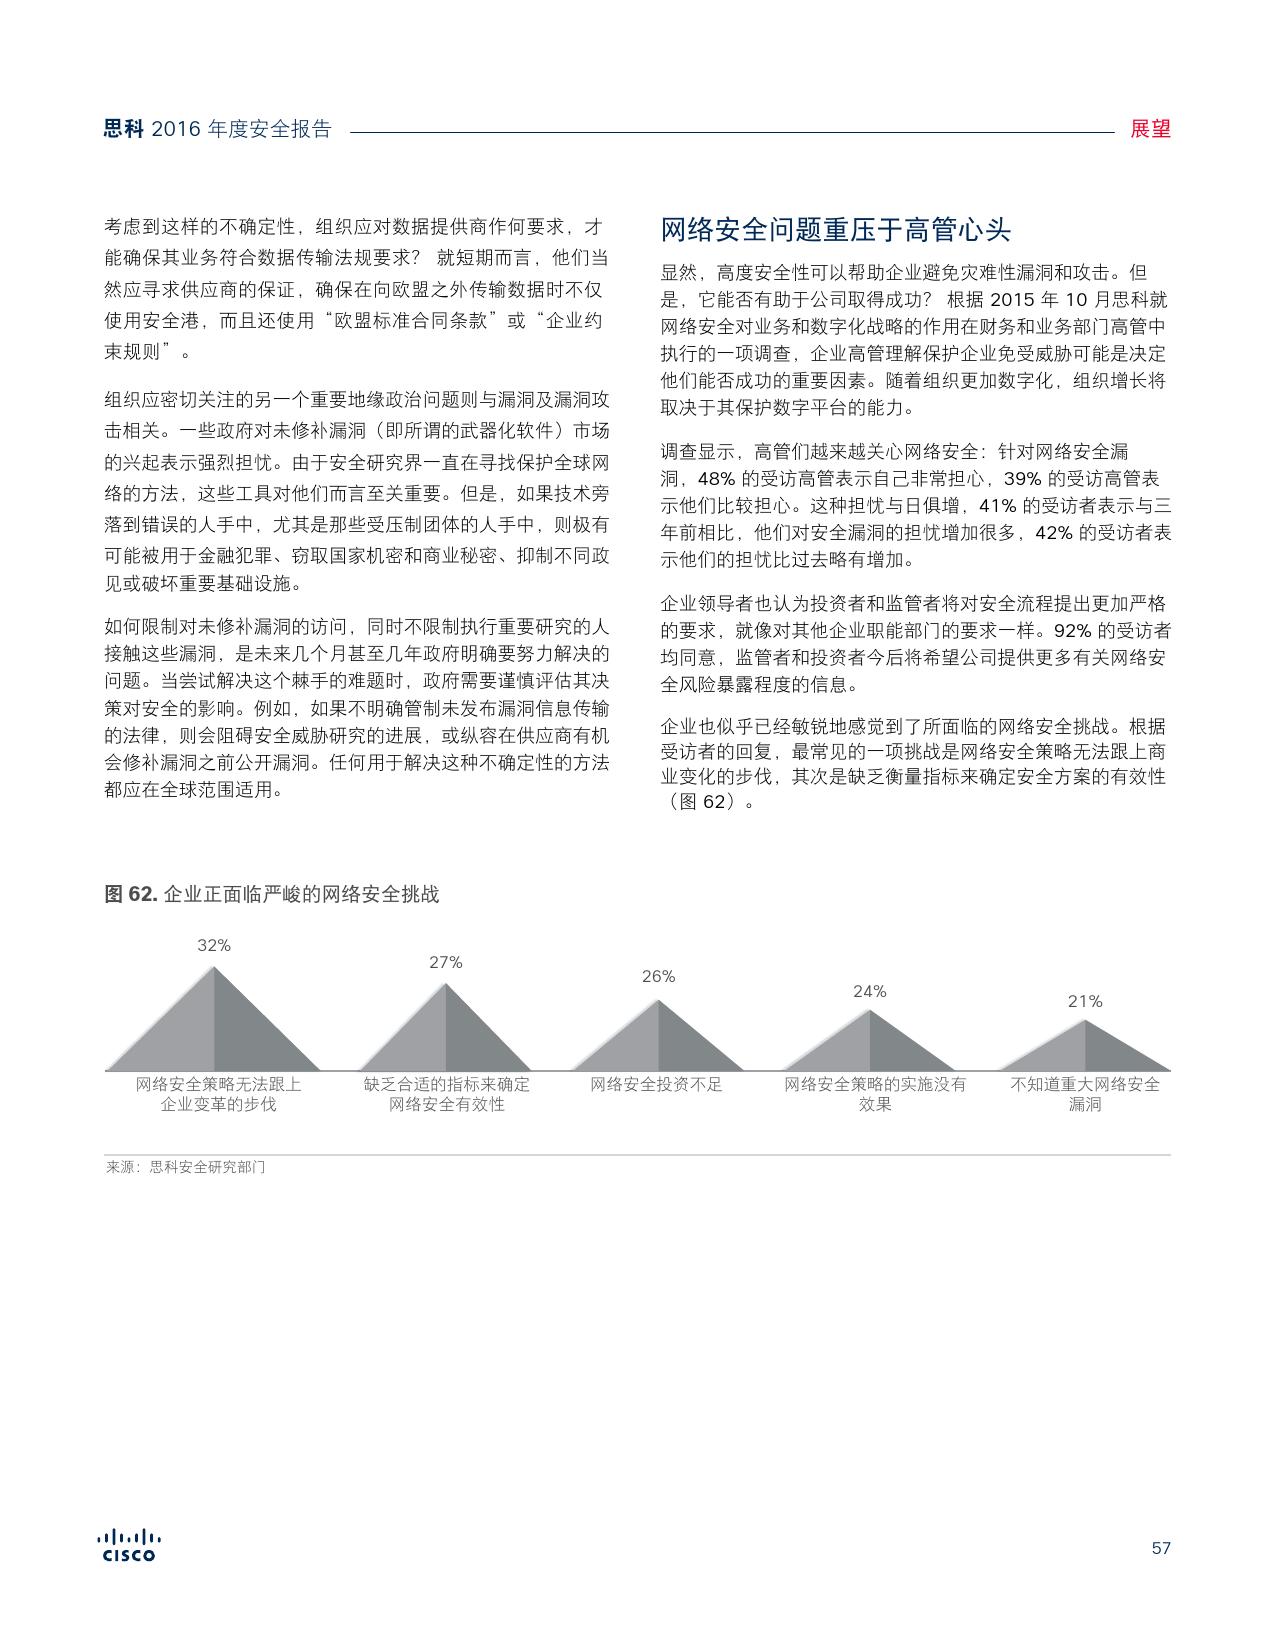 2016年中网络安全报告_000057